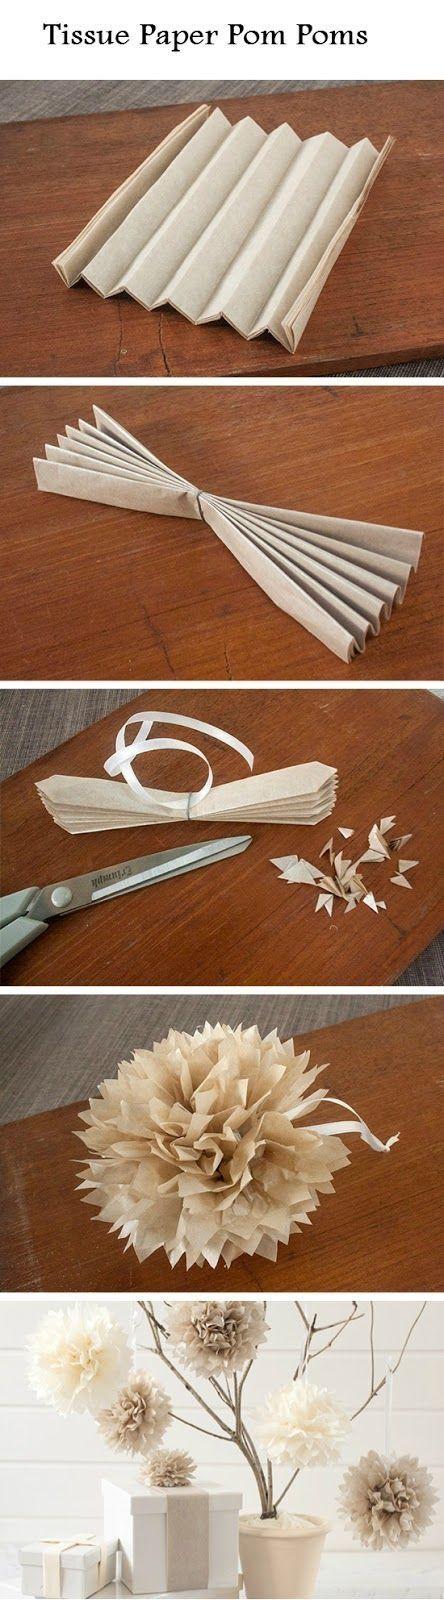 Easy Tissue Paper Pom Poms by serap.v.mert